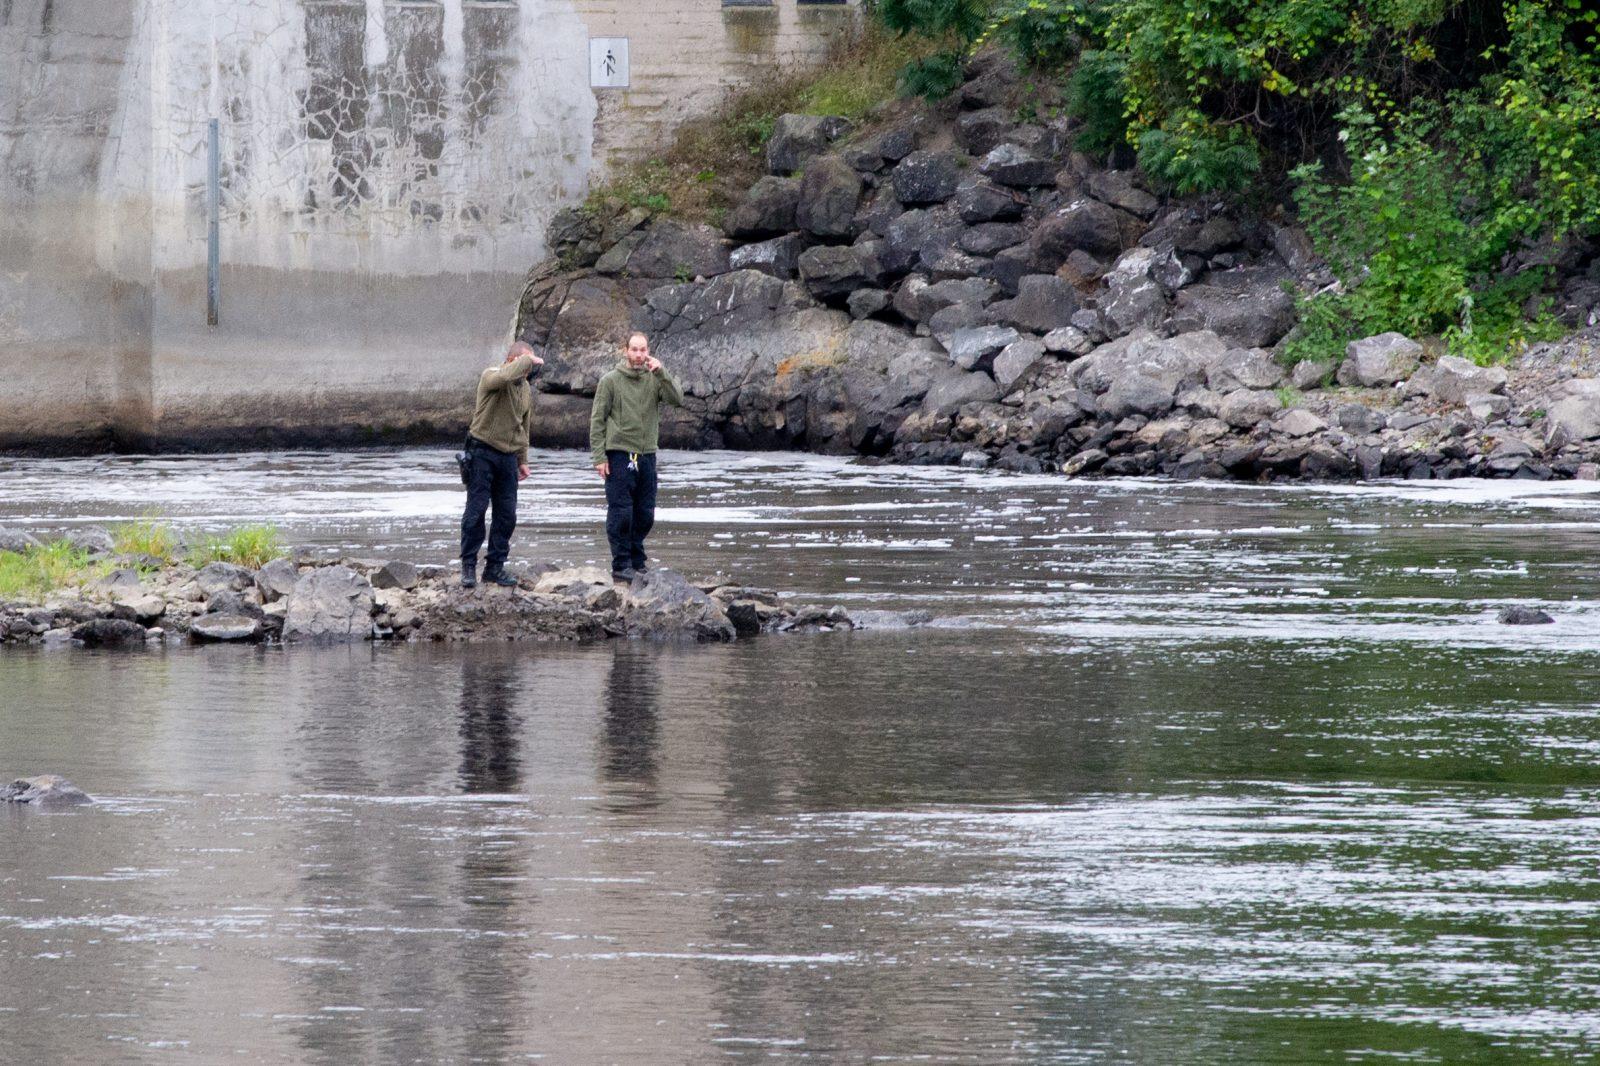 Pêcheur disparu : l'enquête avance et se poursuit